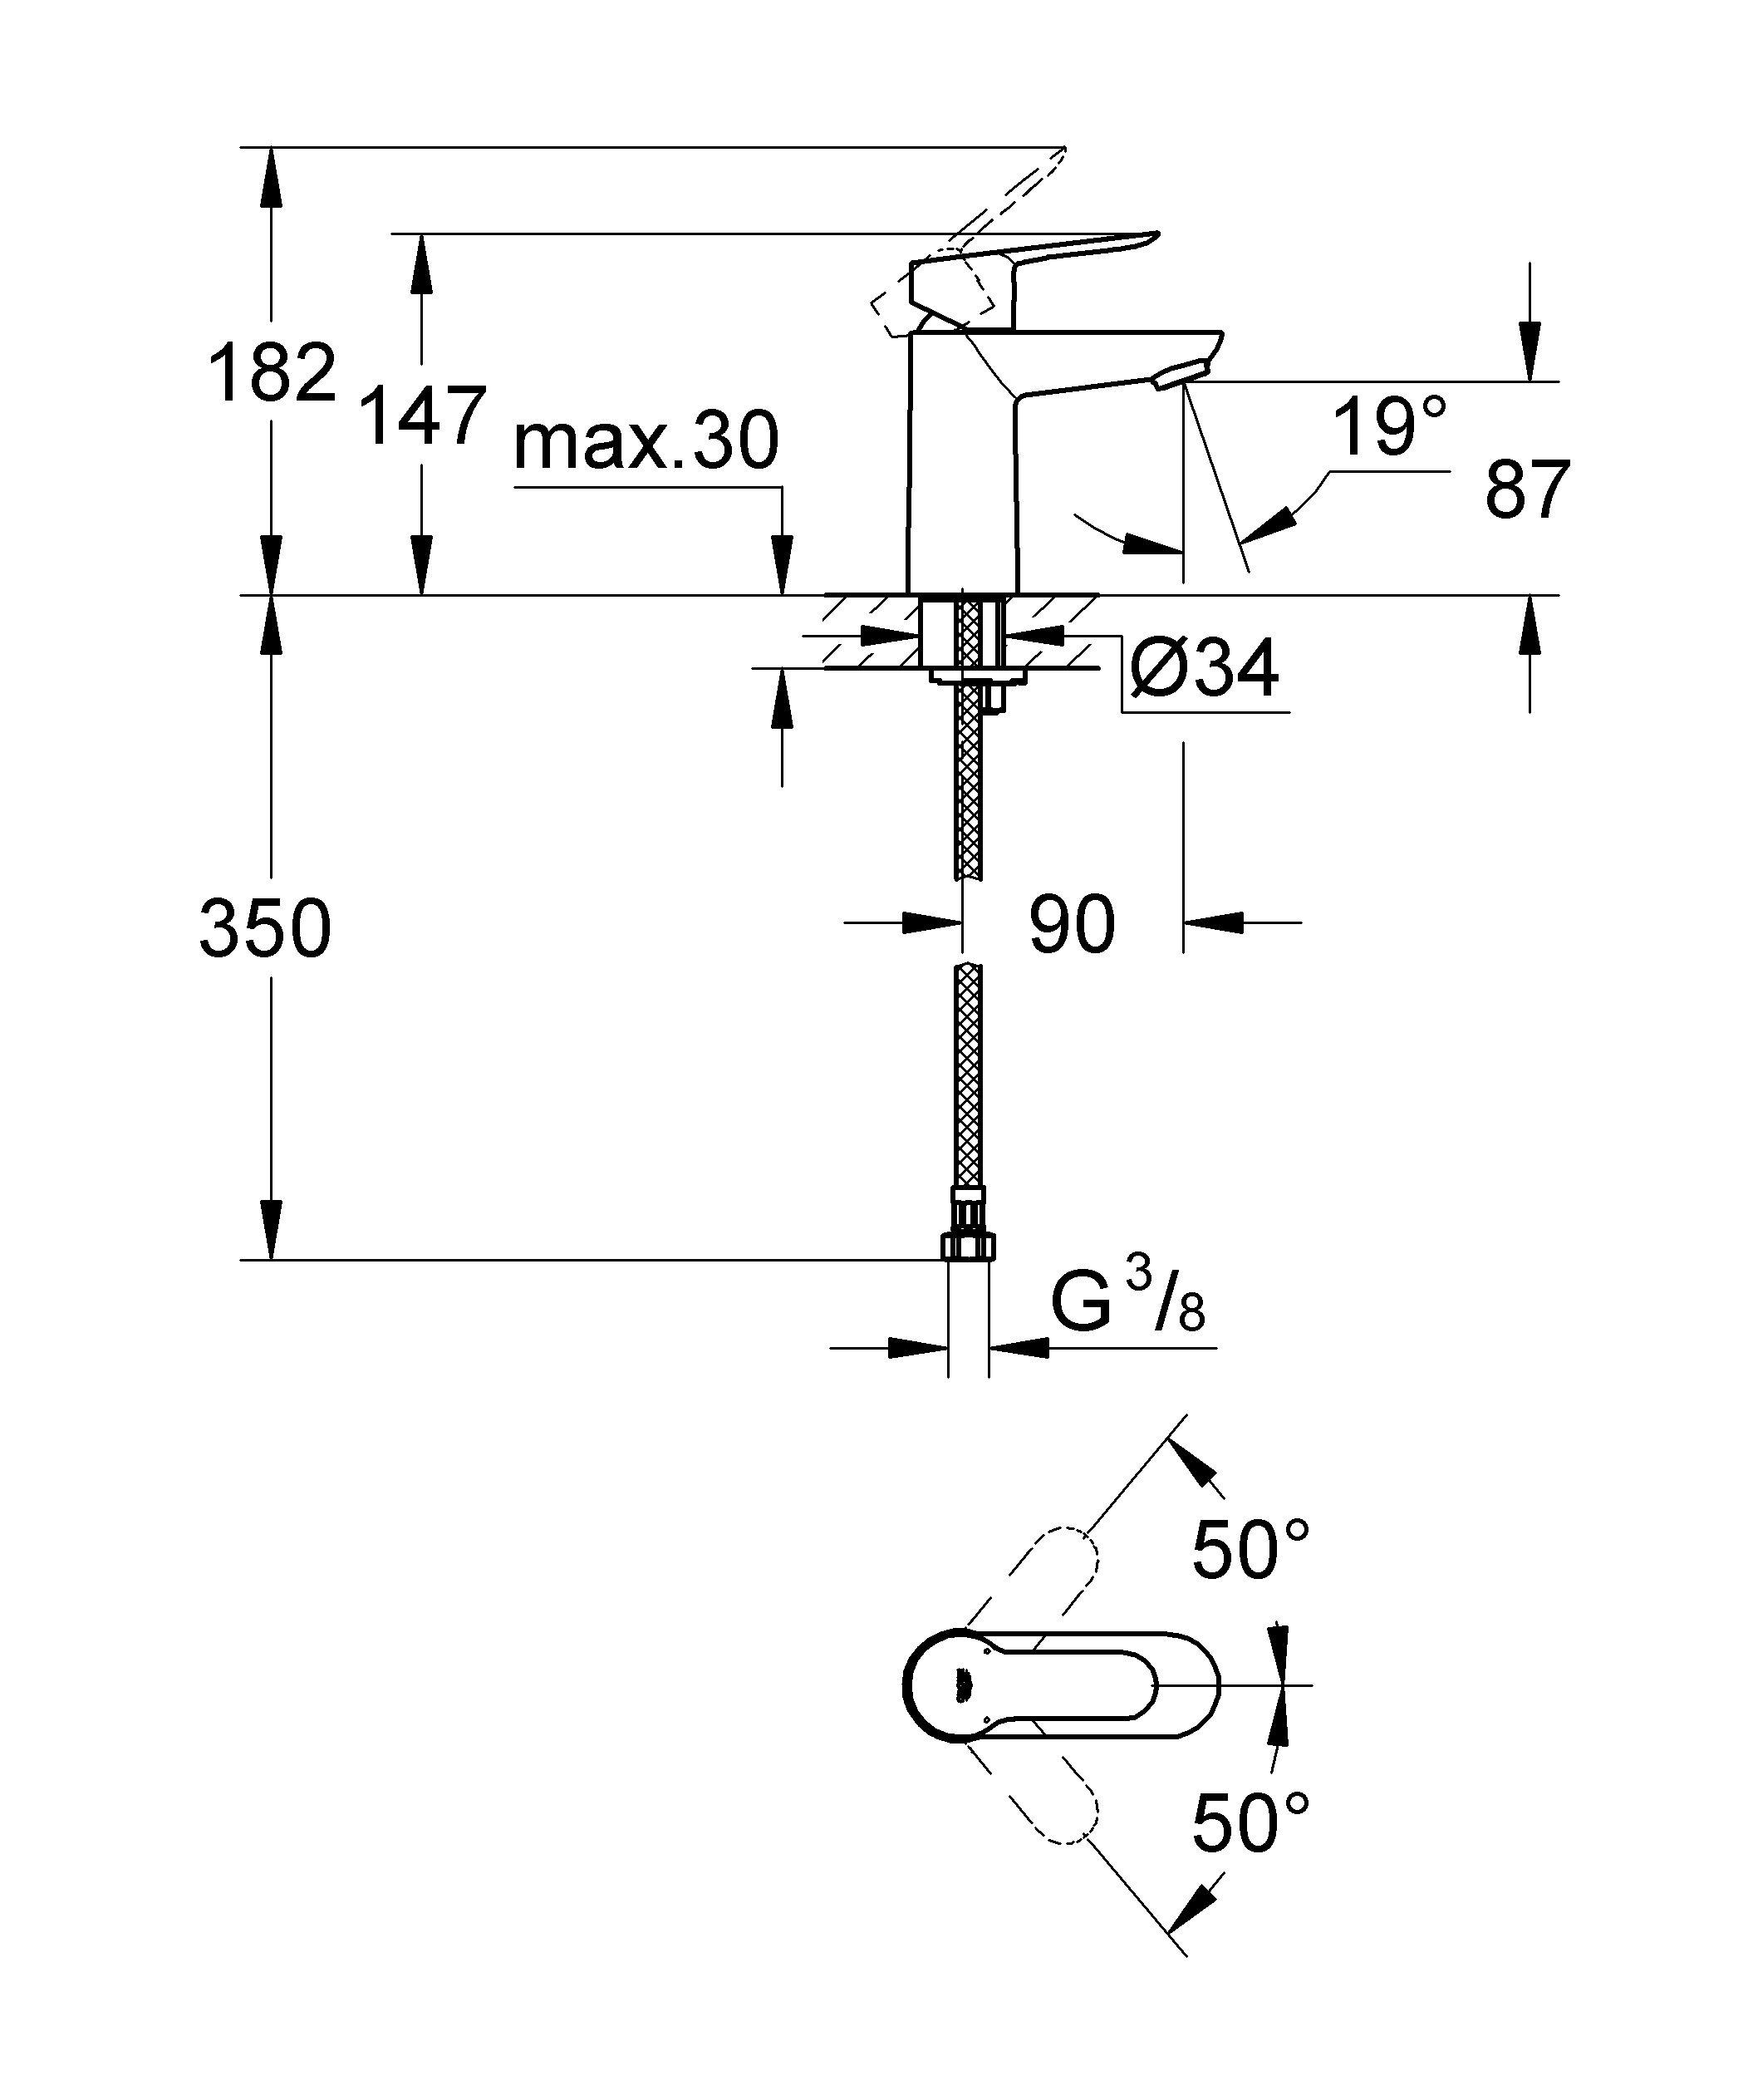 Монтаж на одно отверстие  Металлический рычаг  GROHE SilkMove керамический картридж 28 мм  GROHE StarLight хромированная поверхность   GROHE EcoJoy  5.7 л/мин  Аэратор  Гладкий корпус  Гибкая подводка  Система быстрого монтажа  Минимальное давление 1,0 бар   Видео по установке является исключительно информационным. Установка должна проводиться профессионалами!